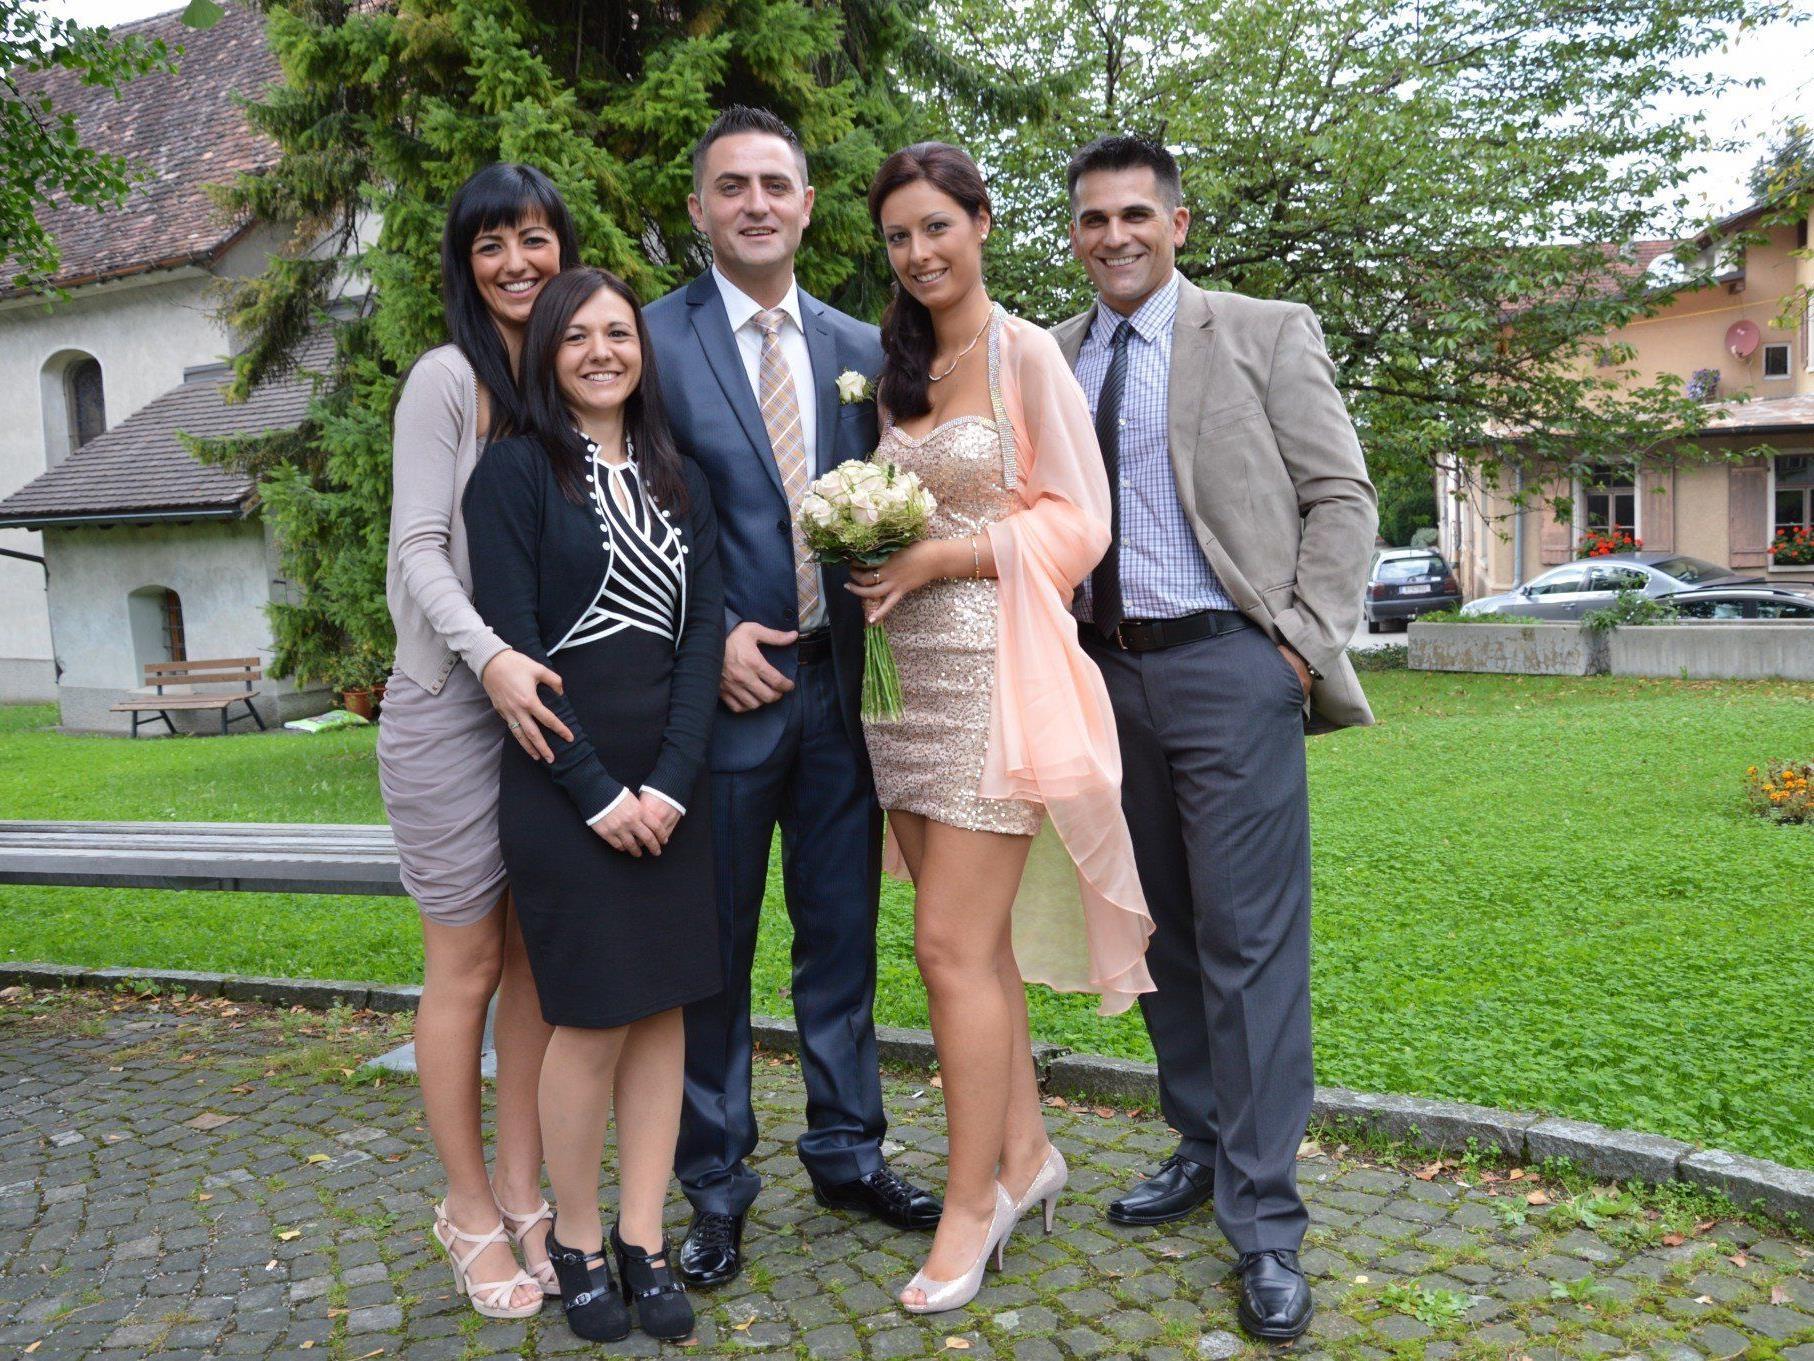 Hochzeit Von Snezana Mladenovic Und Bojan Miric Hohenems Vol At